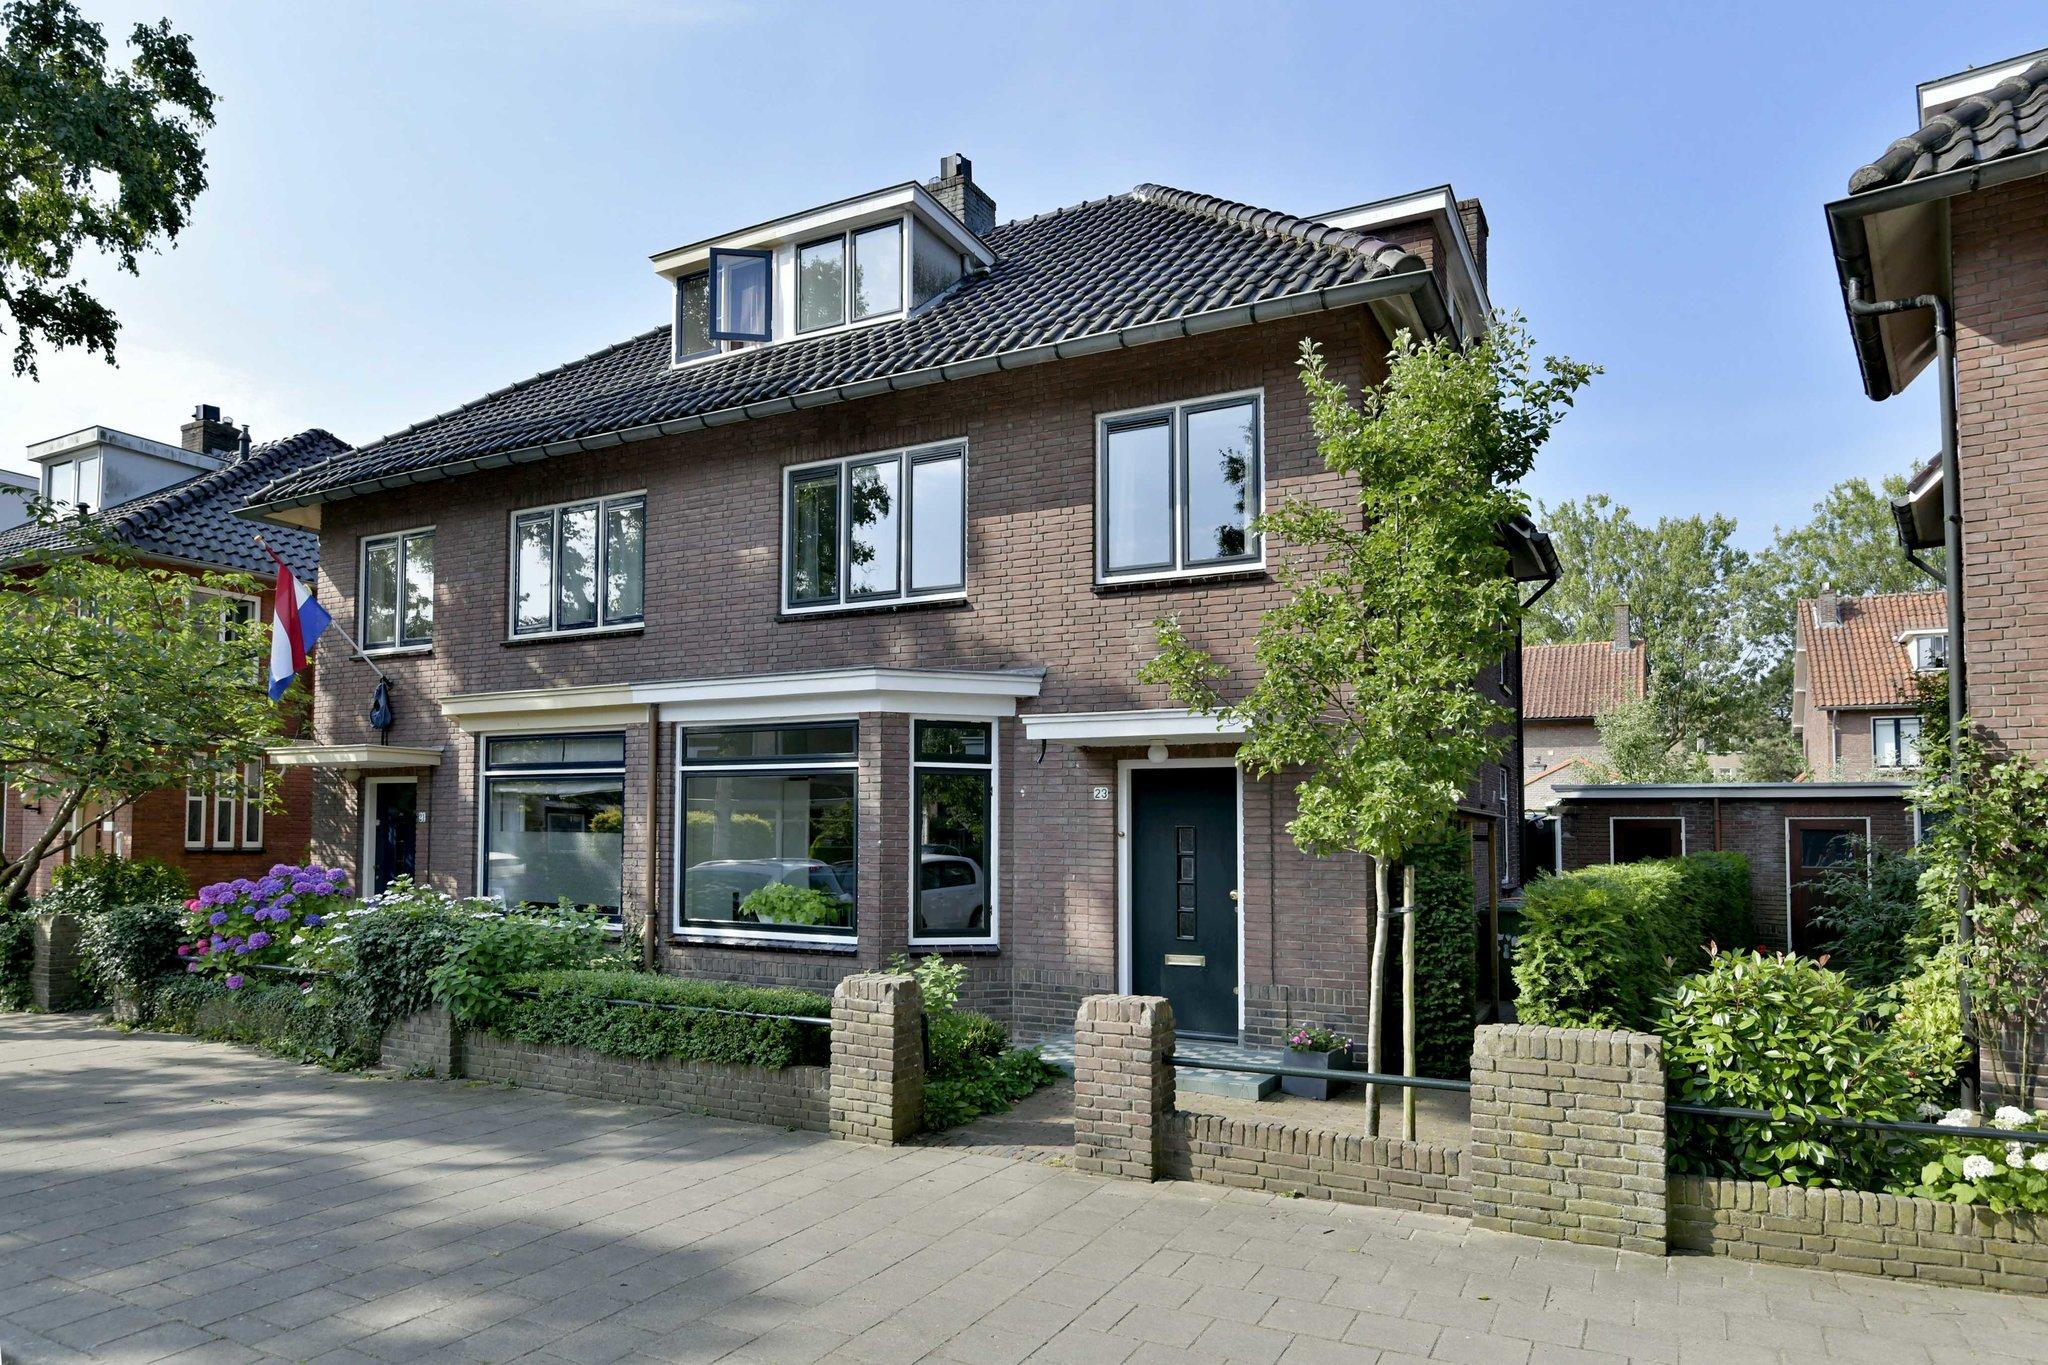 deventer-e-tesschenmacherstraat-4116607-foto-1.jpg